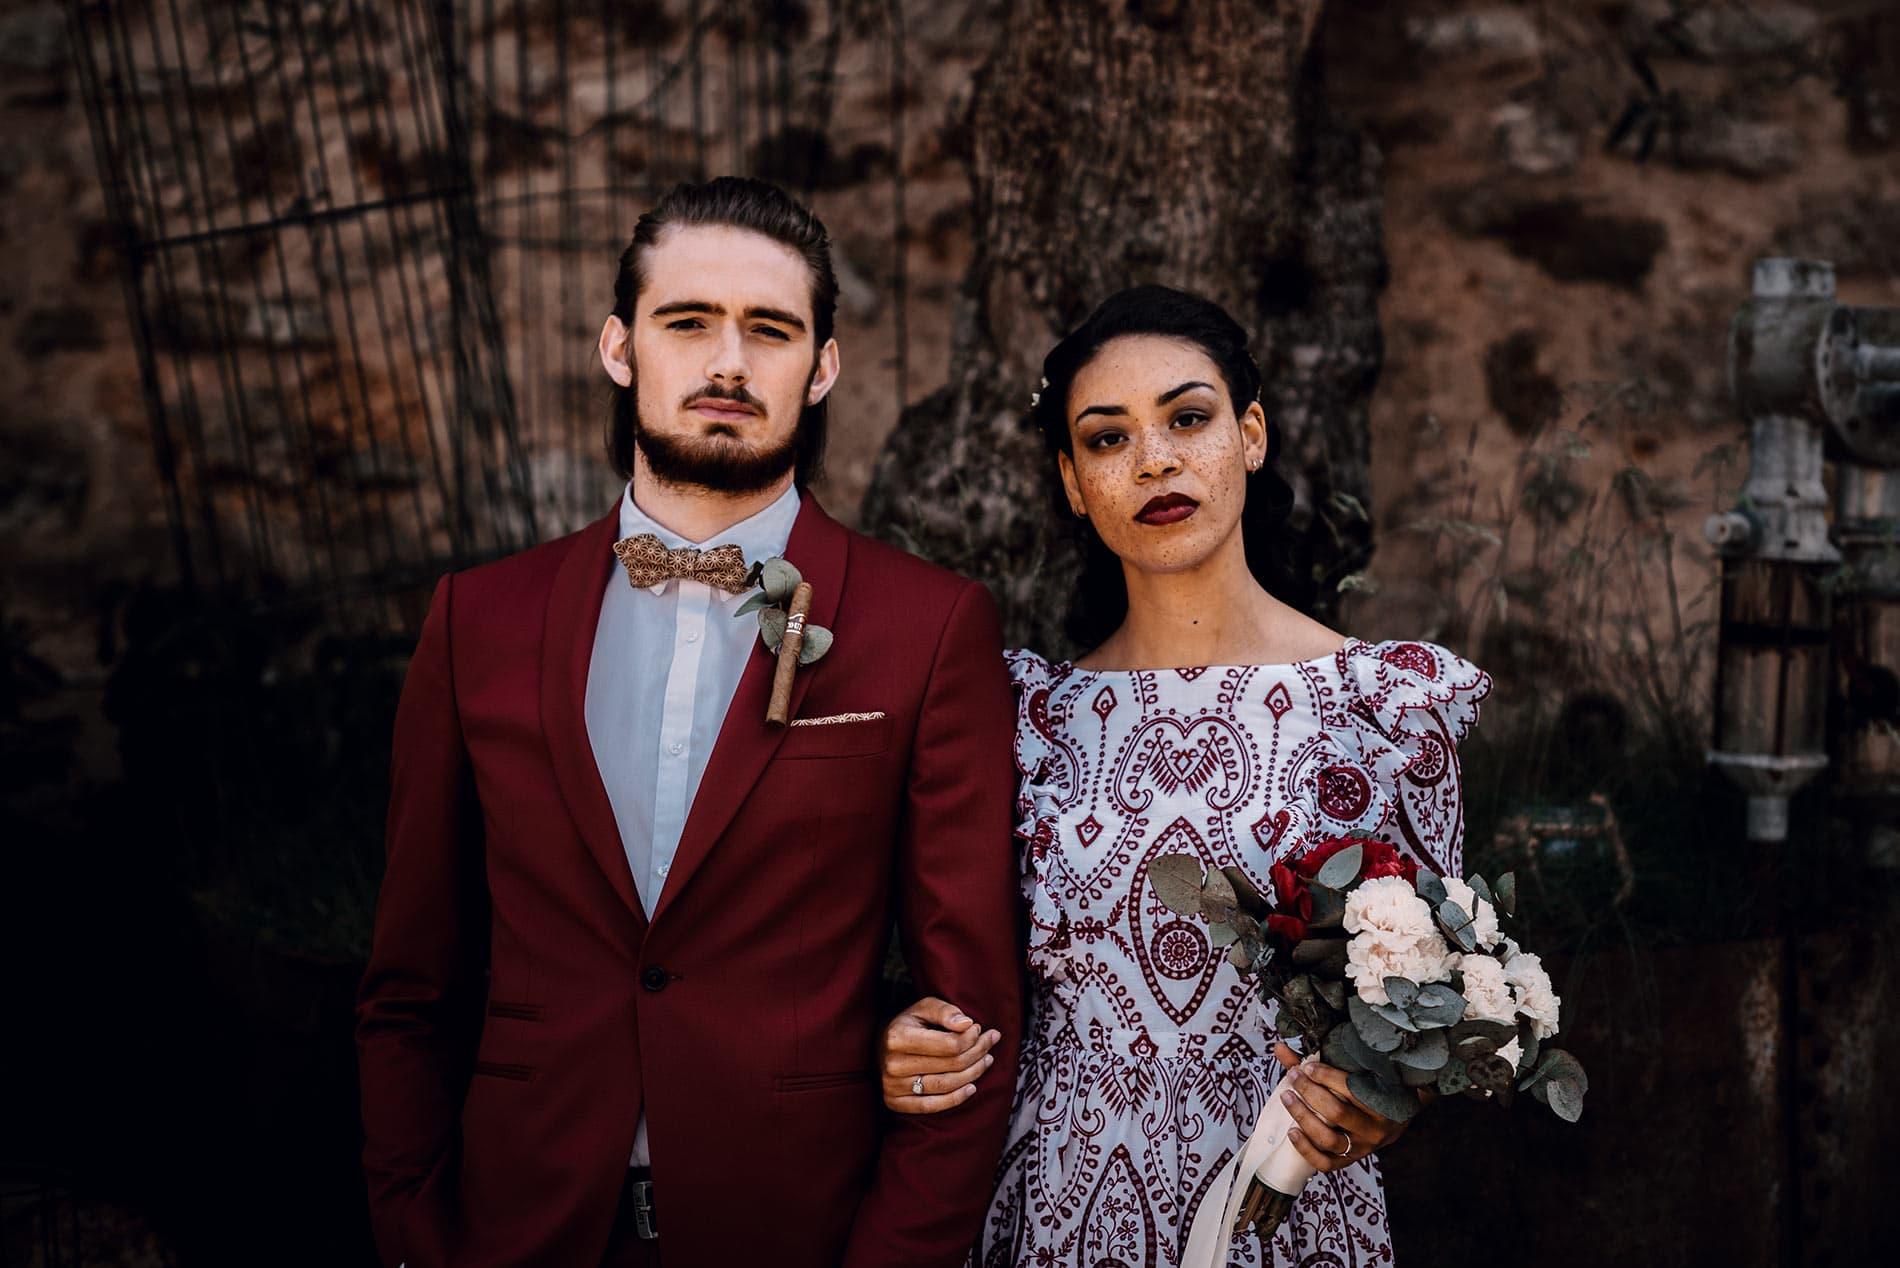 couple-invites-bonnes-joies